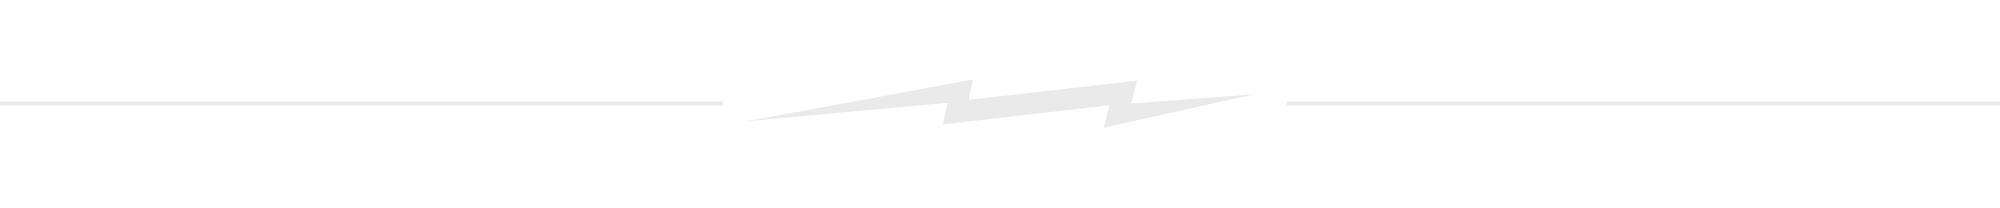 Lightning-bolt-grey-with-line.jp